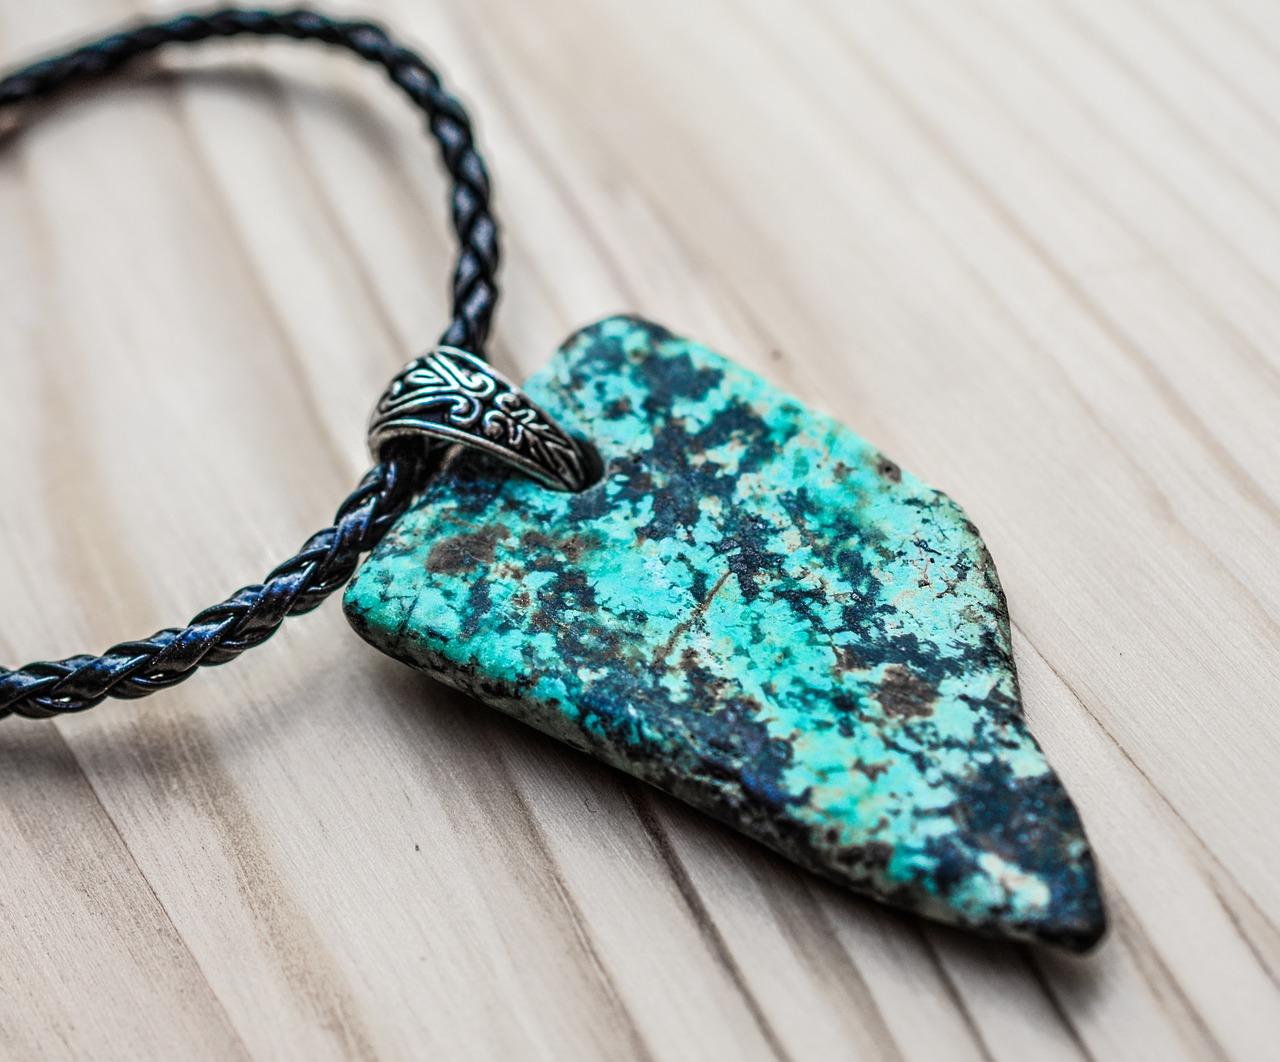 Turquoise Gemstone Education